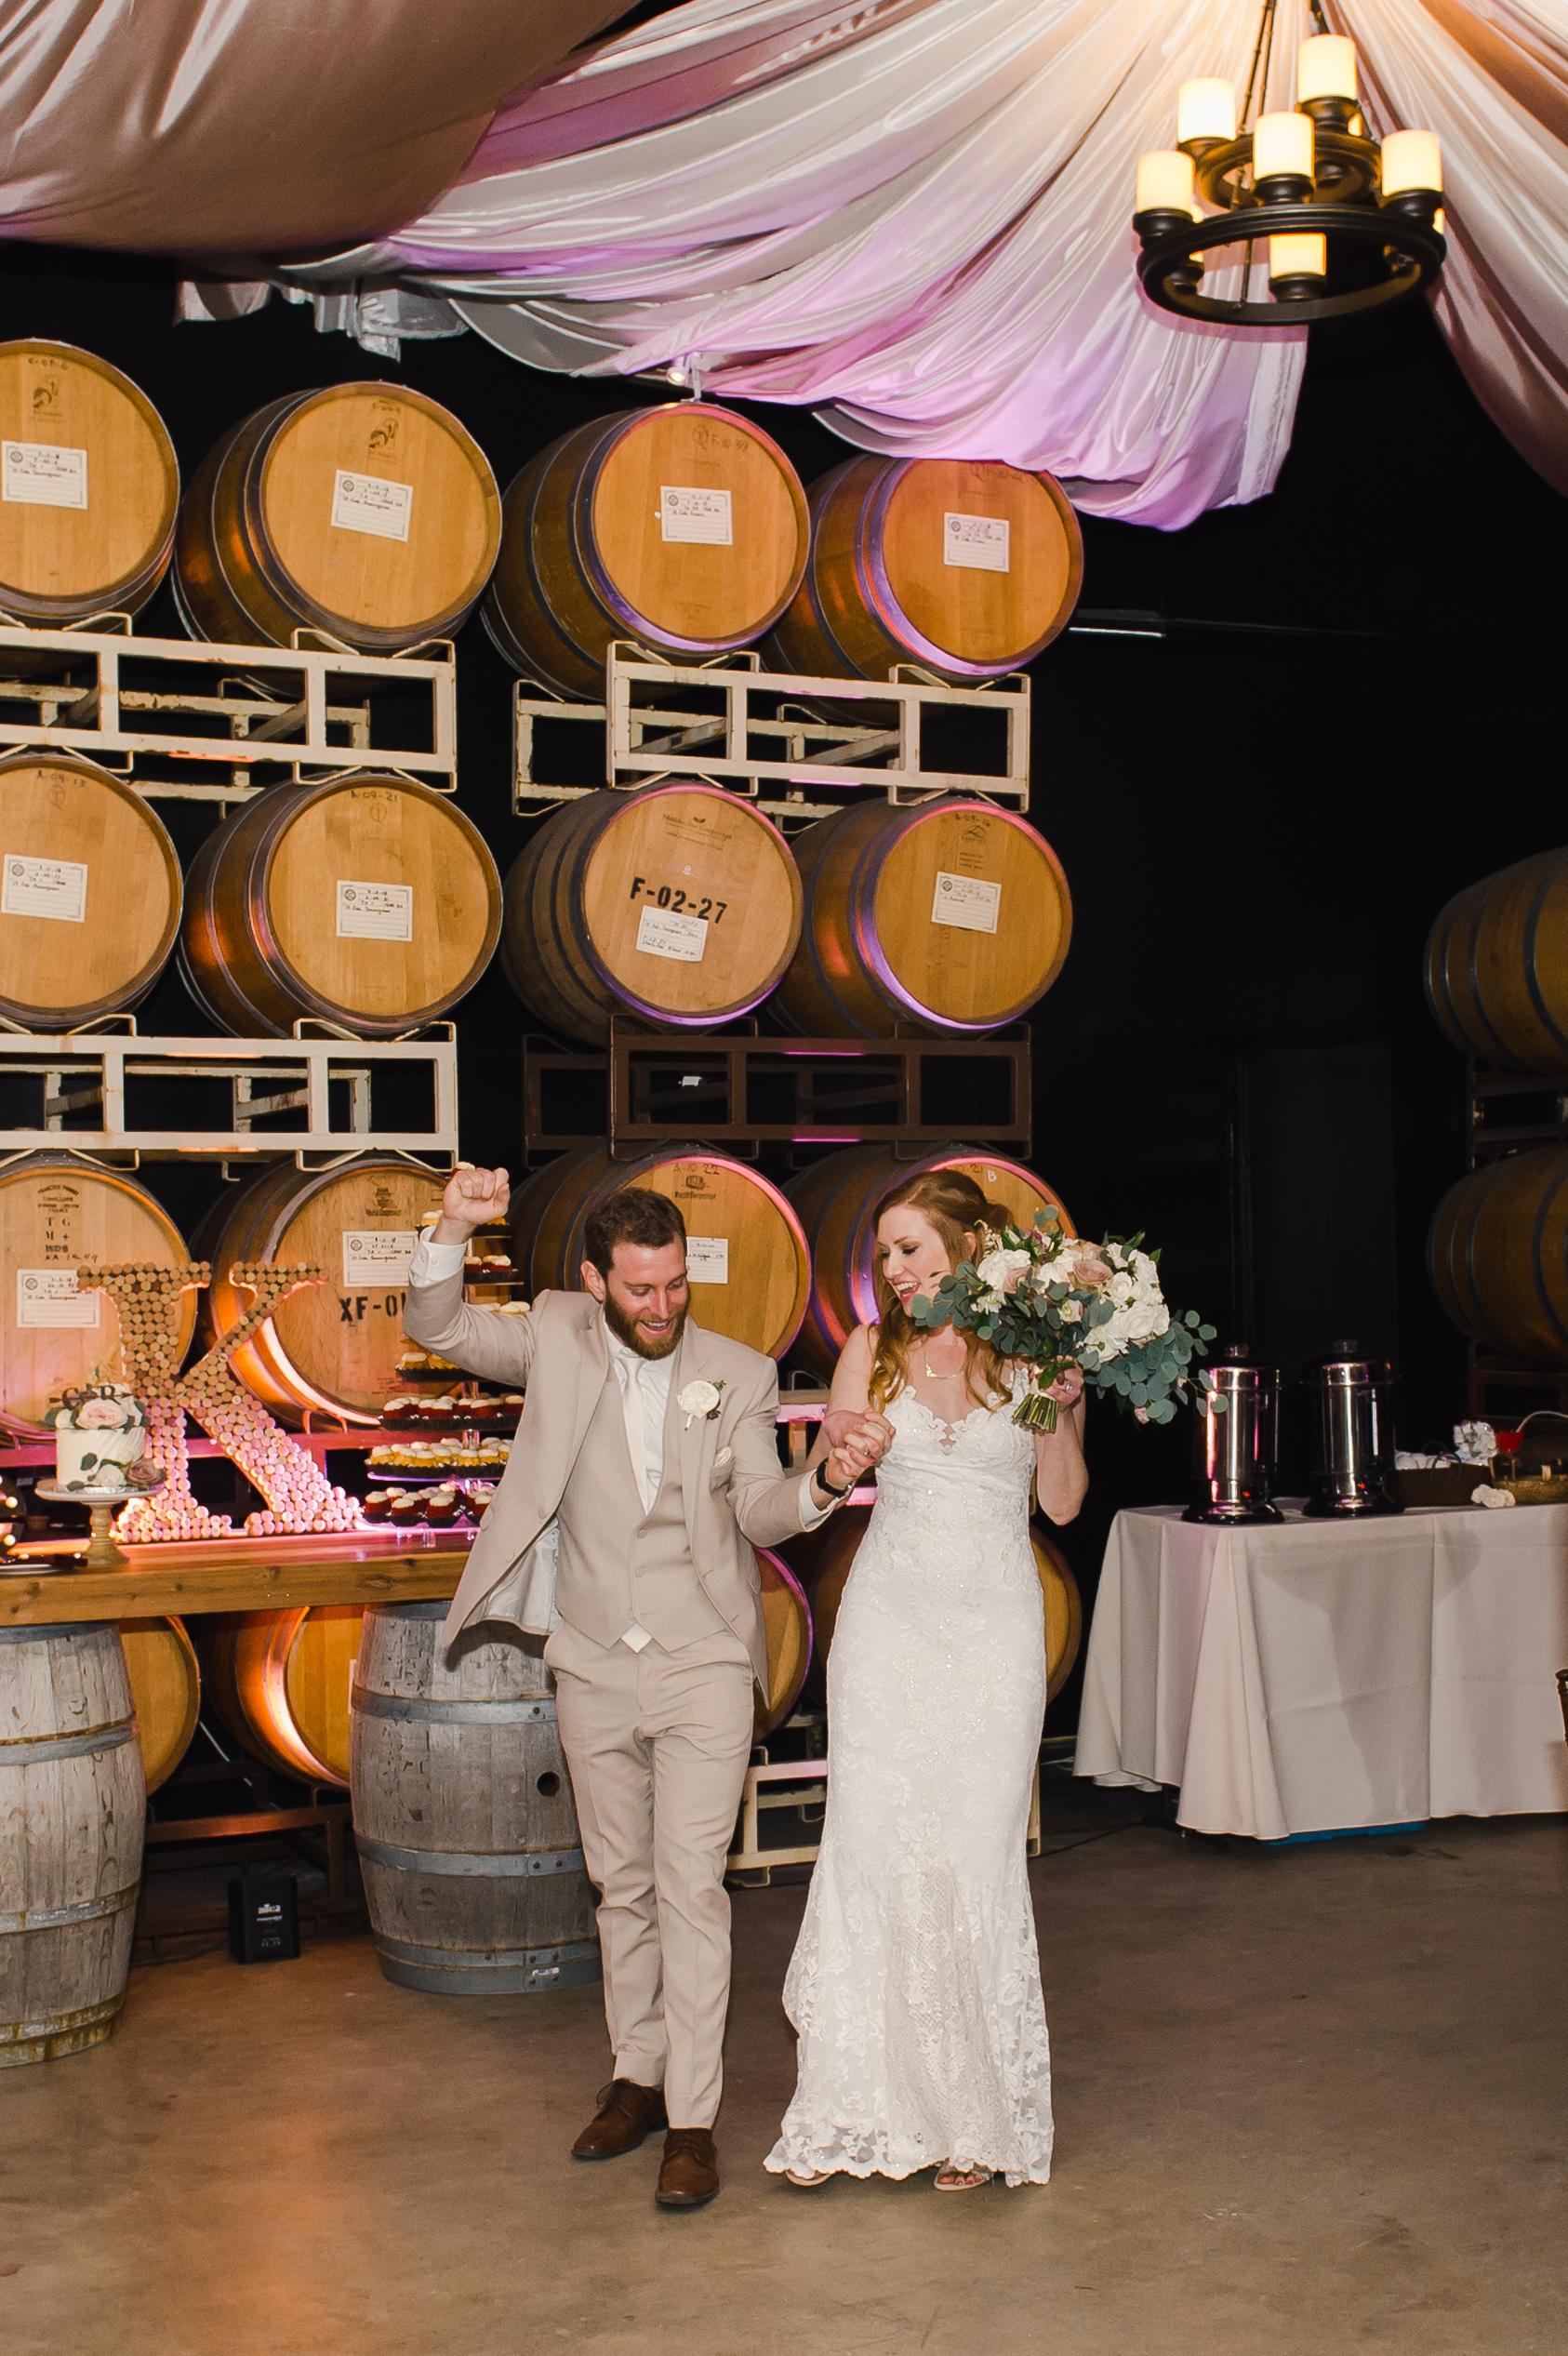 57mountpalomarwineryweddingpictures.jpg